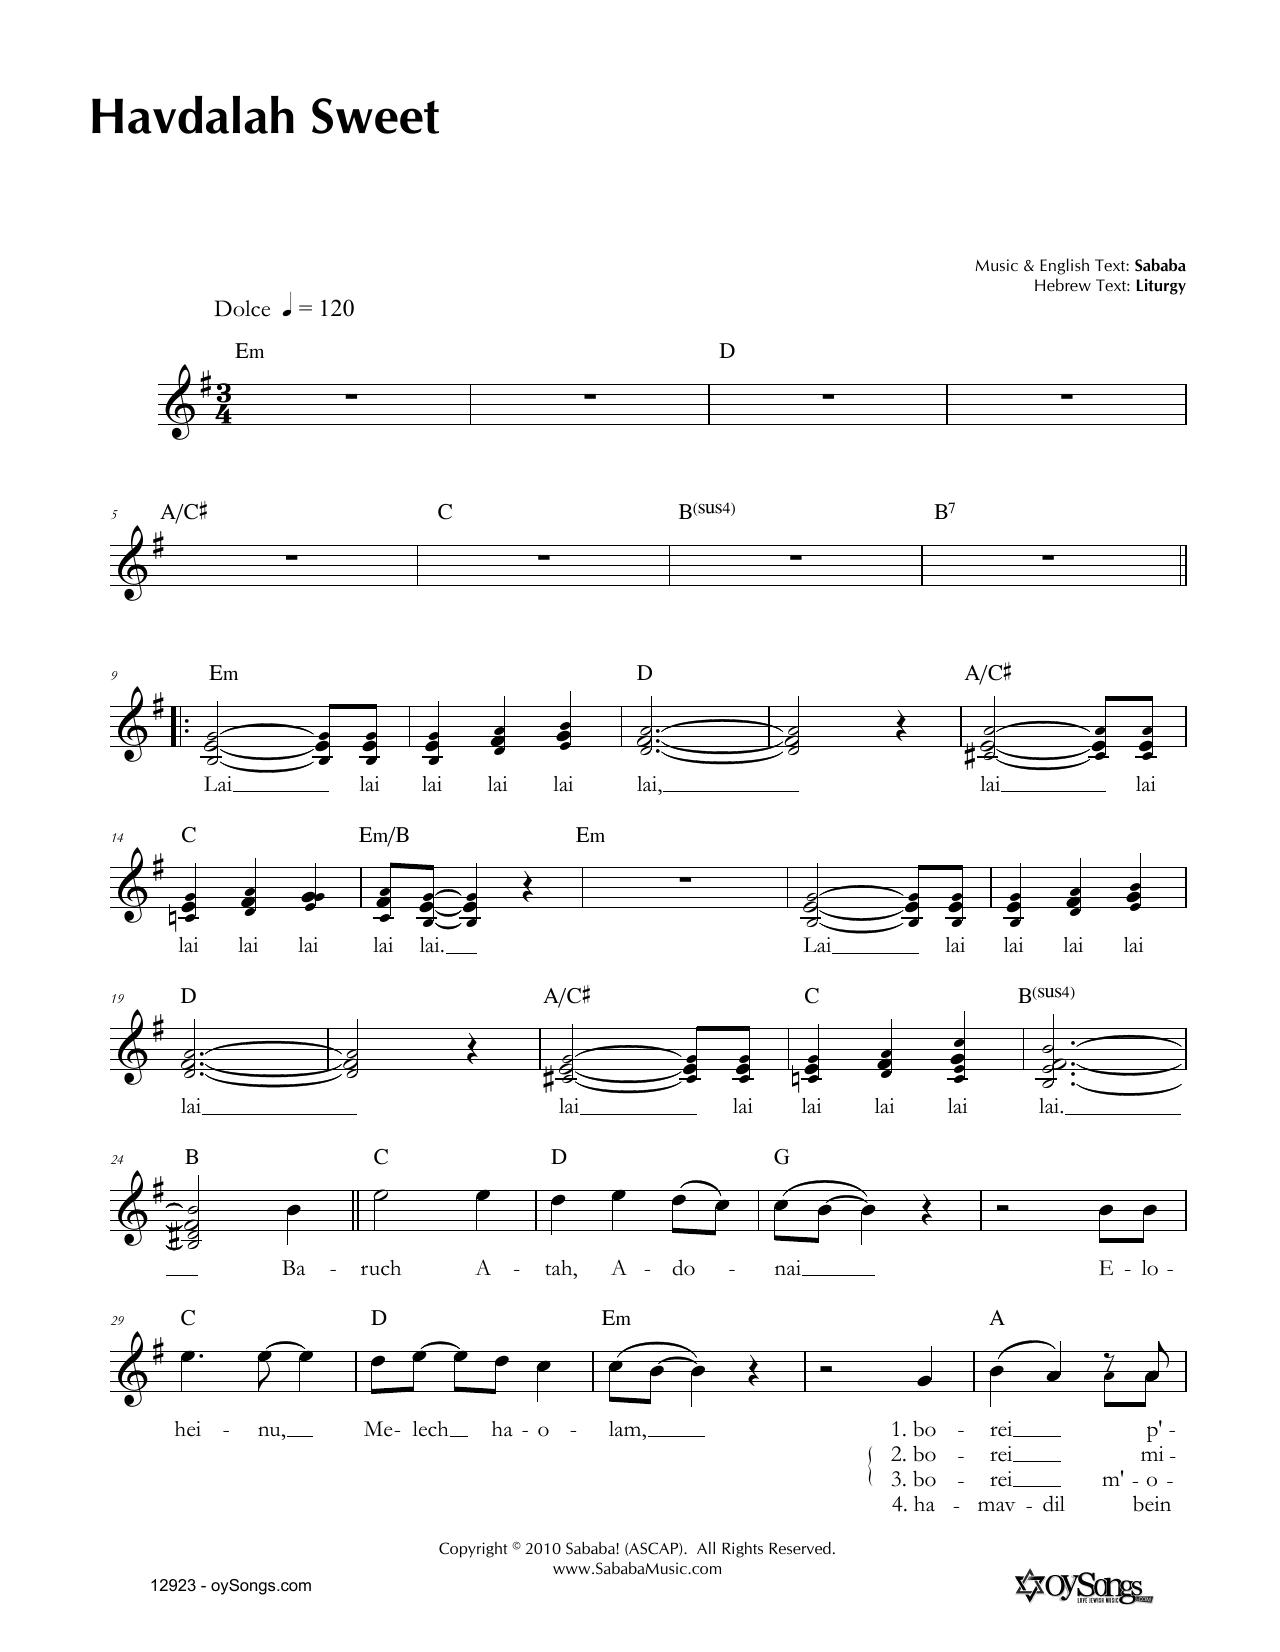 Havdalah Sweet Sheet Music